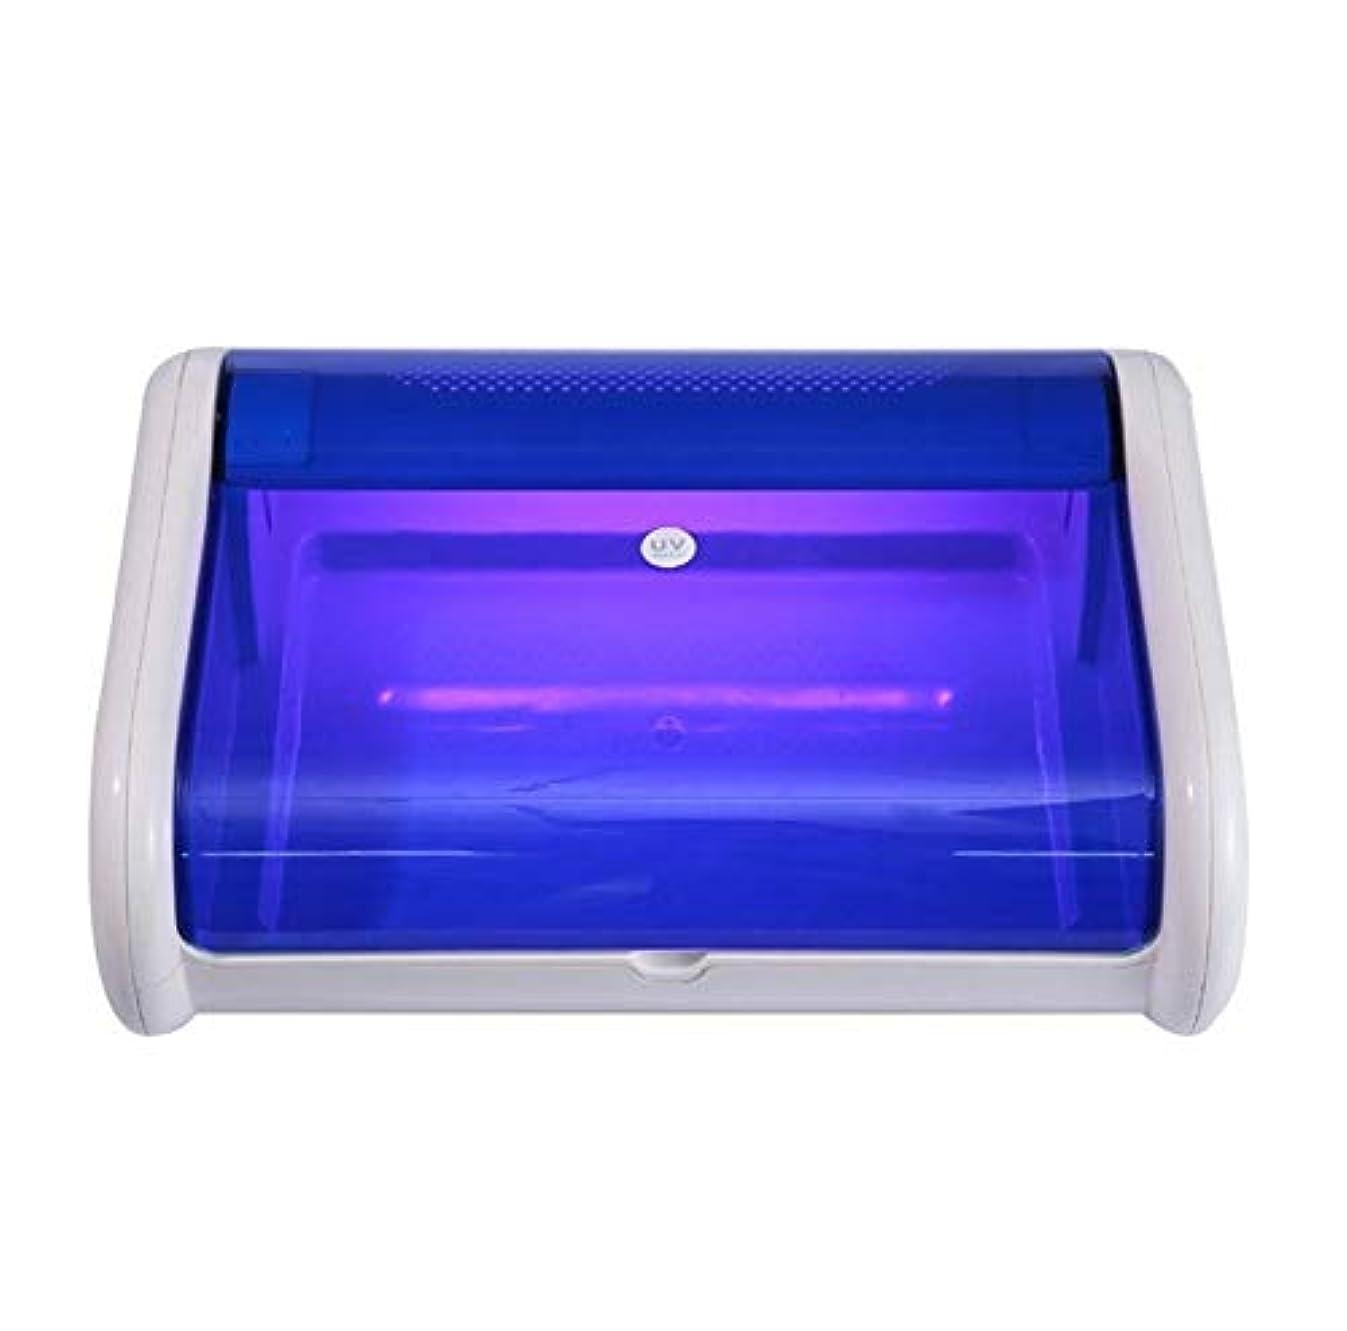 ハブ聞きますフルーツ8ワットサロンuv滅菌プロプロフェッショナル紫外線消毒ネイル滅菌器温度消毒キャビネットマニキュア美容機